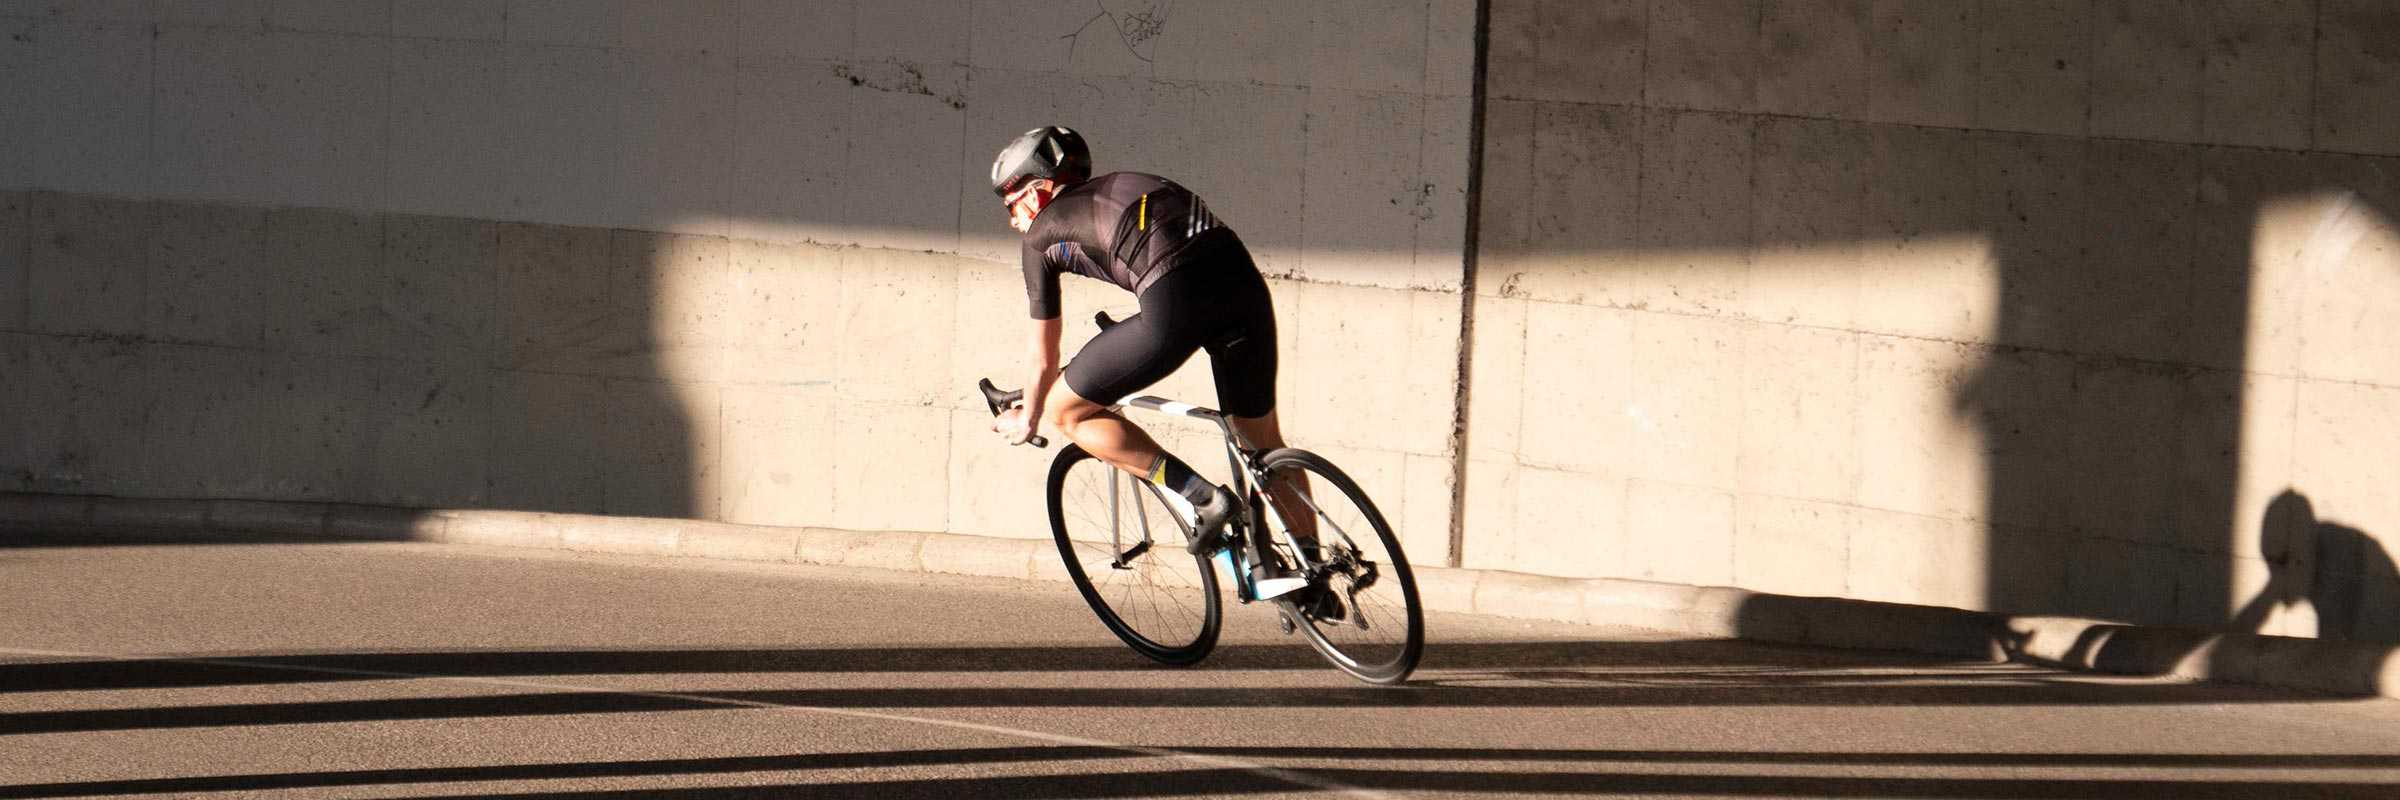 Cet été, pédalez avec nos nouvelles marques de vélo